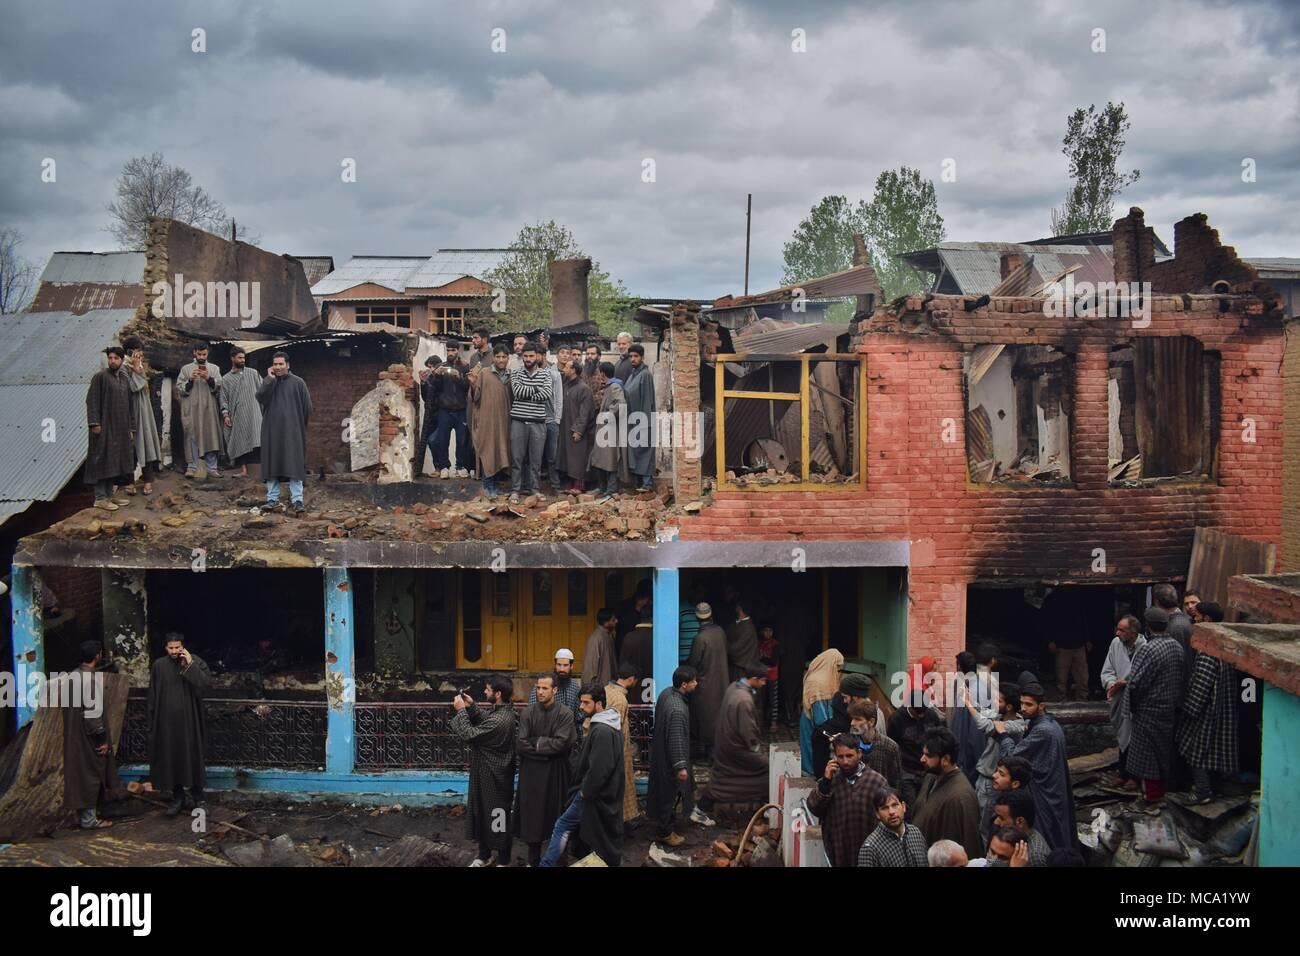 Einheimische versammeln sich in der Nähe der Trümmer von Häusern, die in einem Gunbattle zwischen Kräften und pro-freiheit Rebellen in Khudwani im Süden von Kaschmir Bezirk Kulgam am 11. April 2018 zerstört wurden. Vier Zivilisten und 1 Armee Mann wurden getötet und über 150 Zivilisten wurden bei Auseinandersetzungen verletzt 3 Rebellen durch die Vorteile der riesigen Menge nahe Begegnung Ort konfektioniert entkommen Stockbild